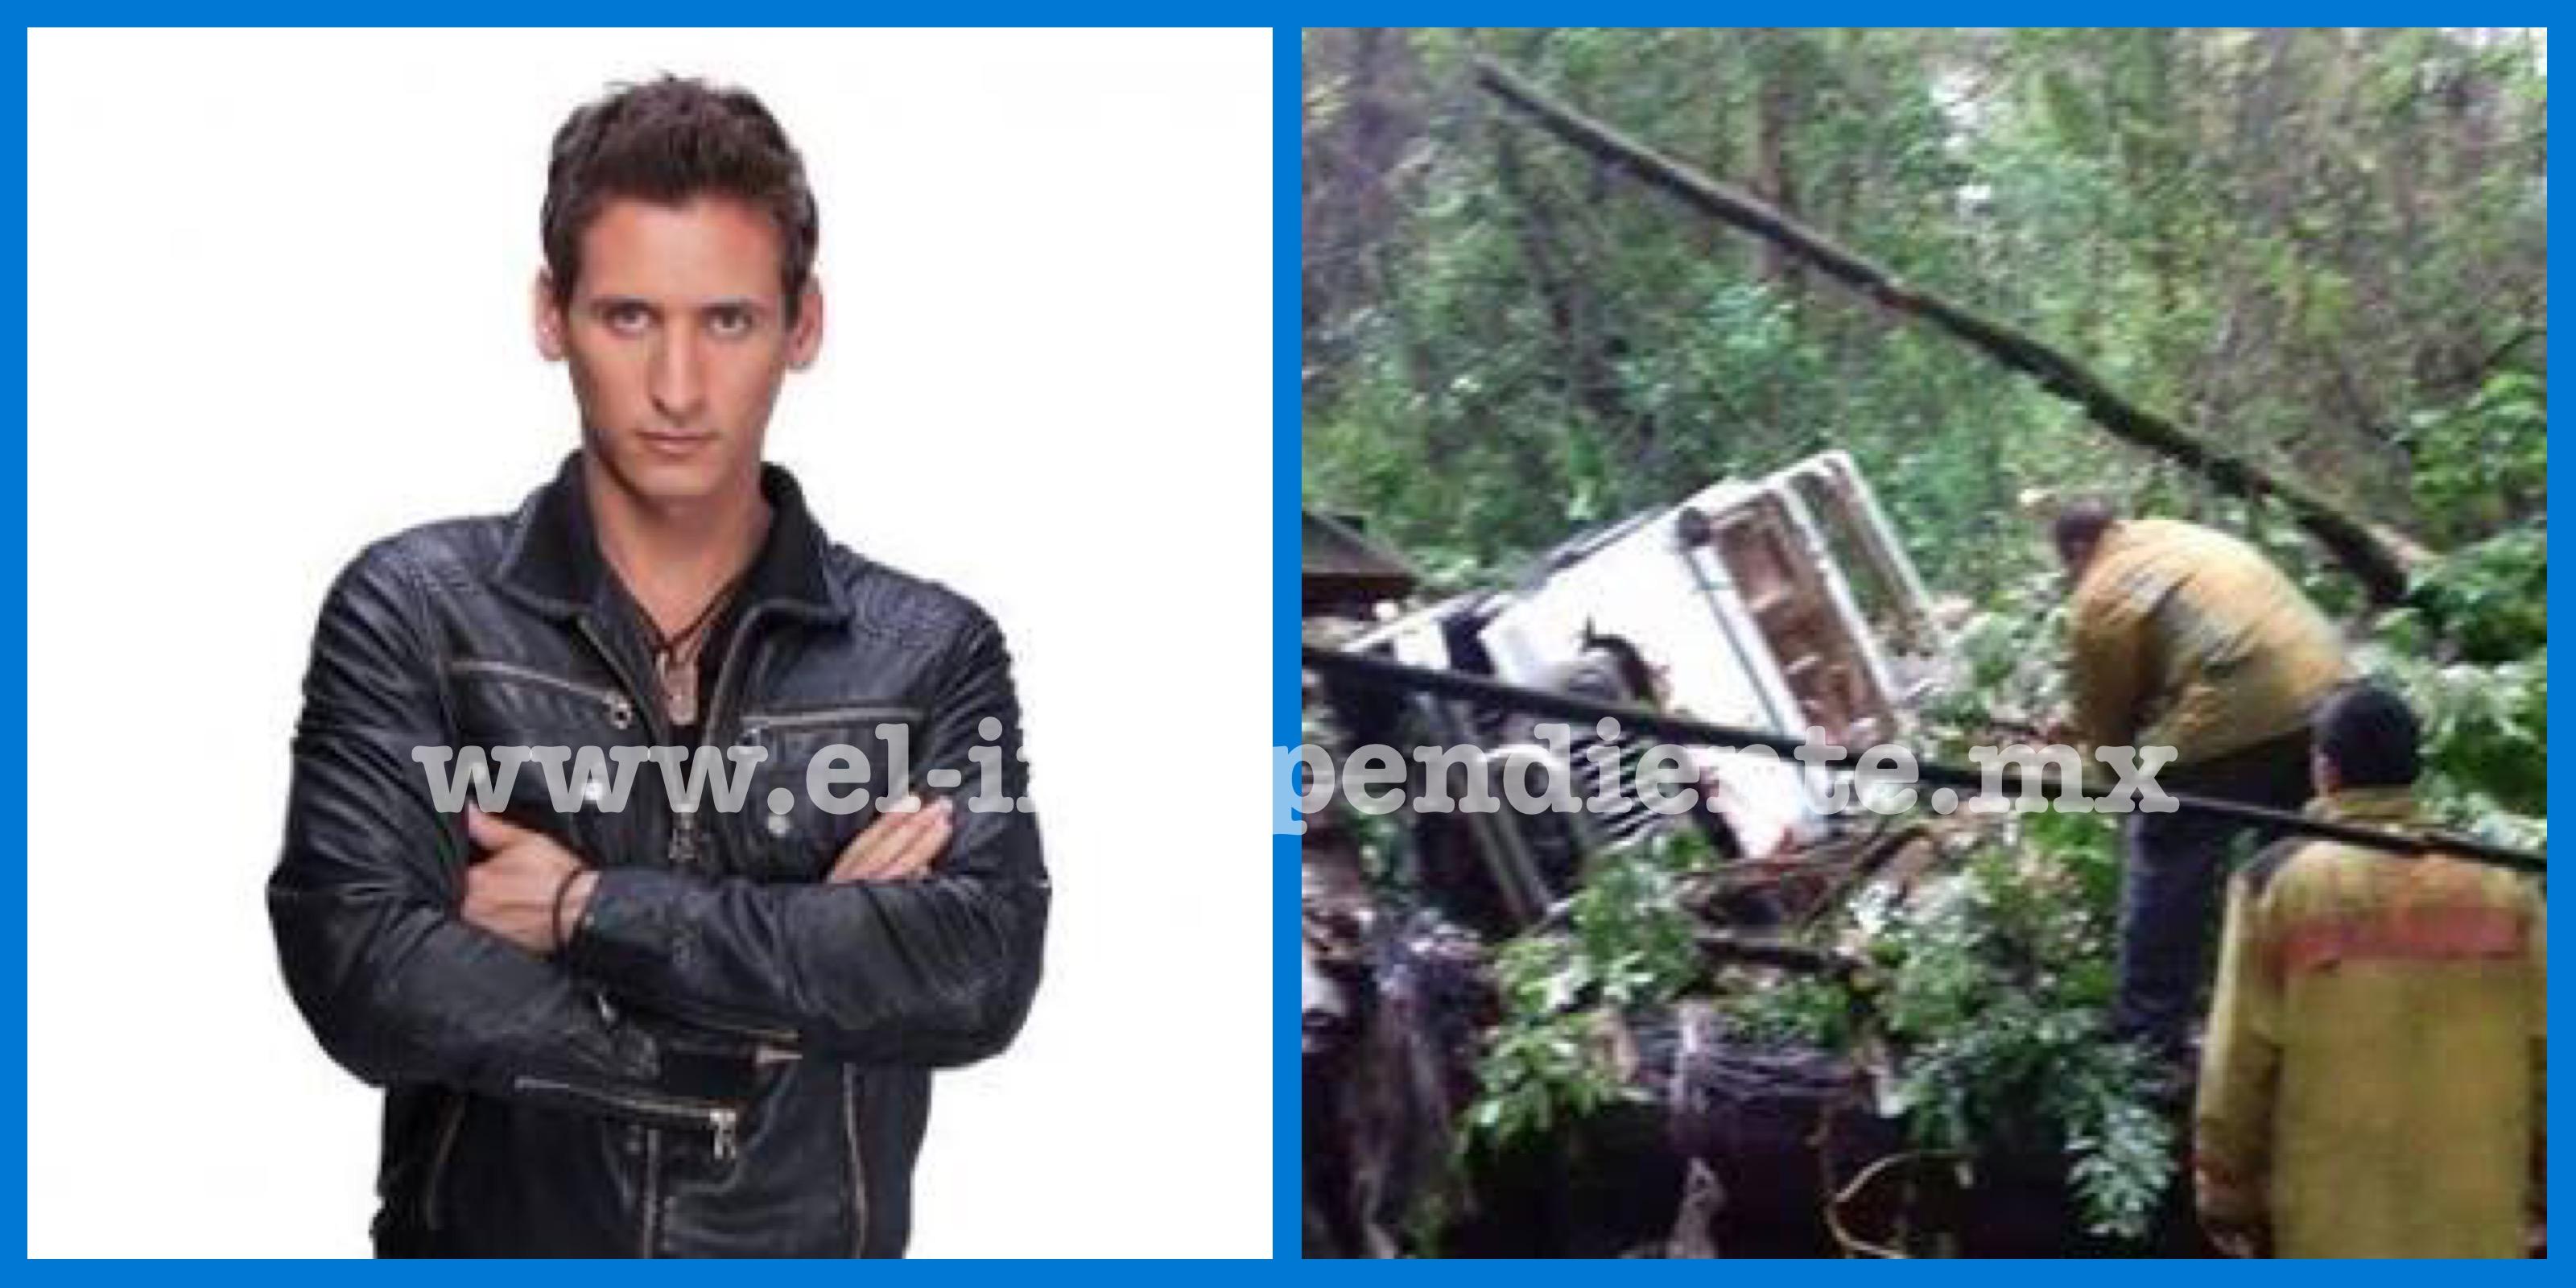 """Fallece """"Mark El Ilusionista"""" en accidente en Los Reyes: Policía"""